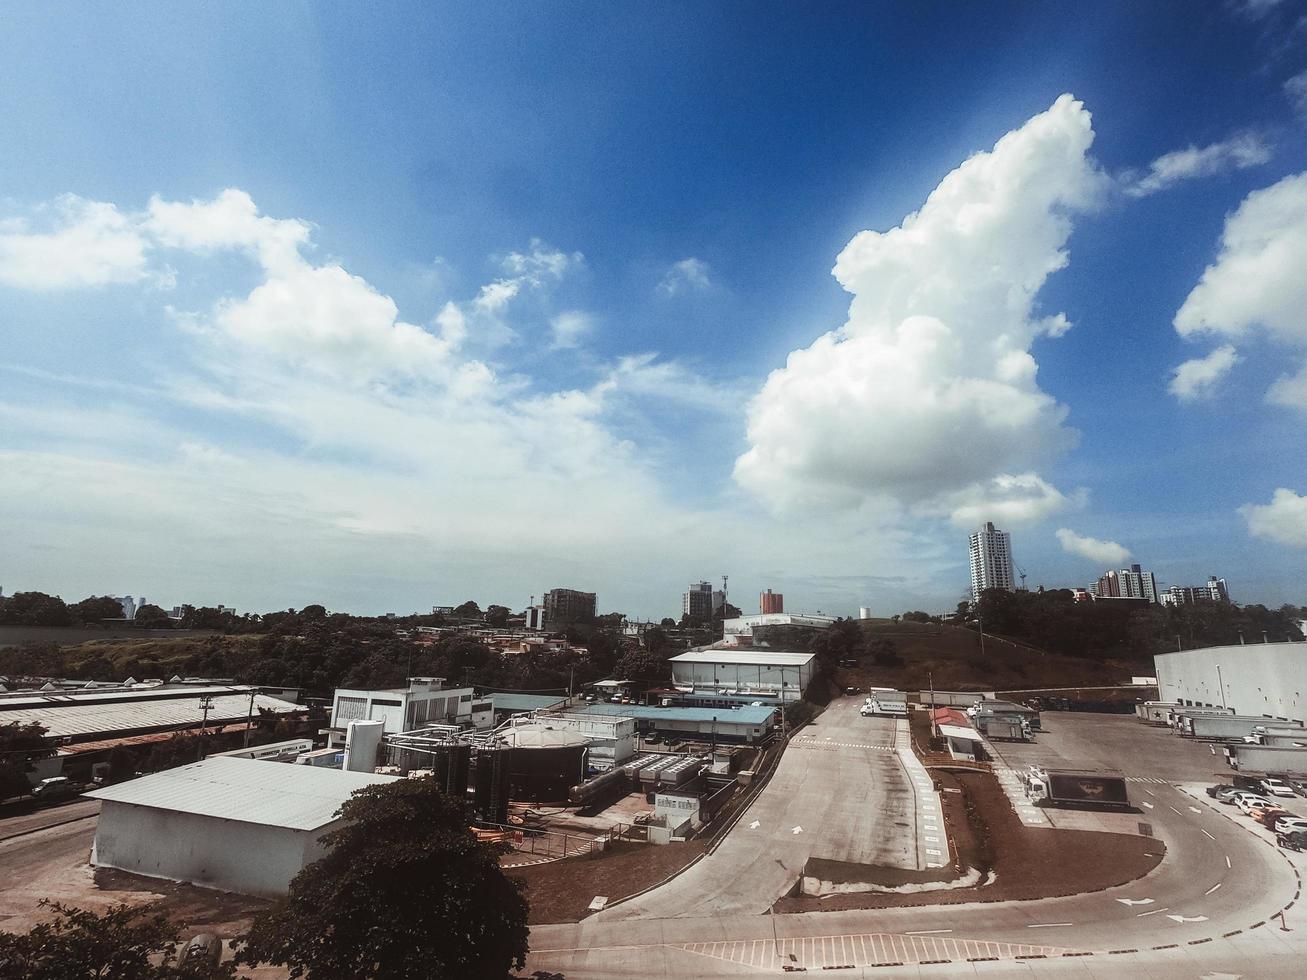 Industrial area skyline zone photo